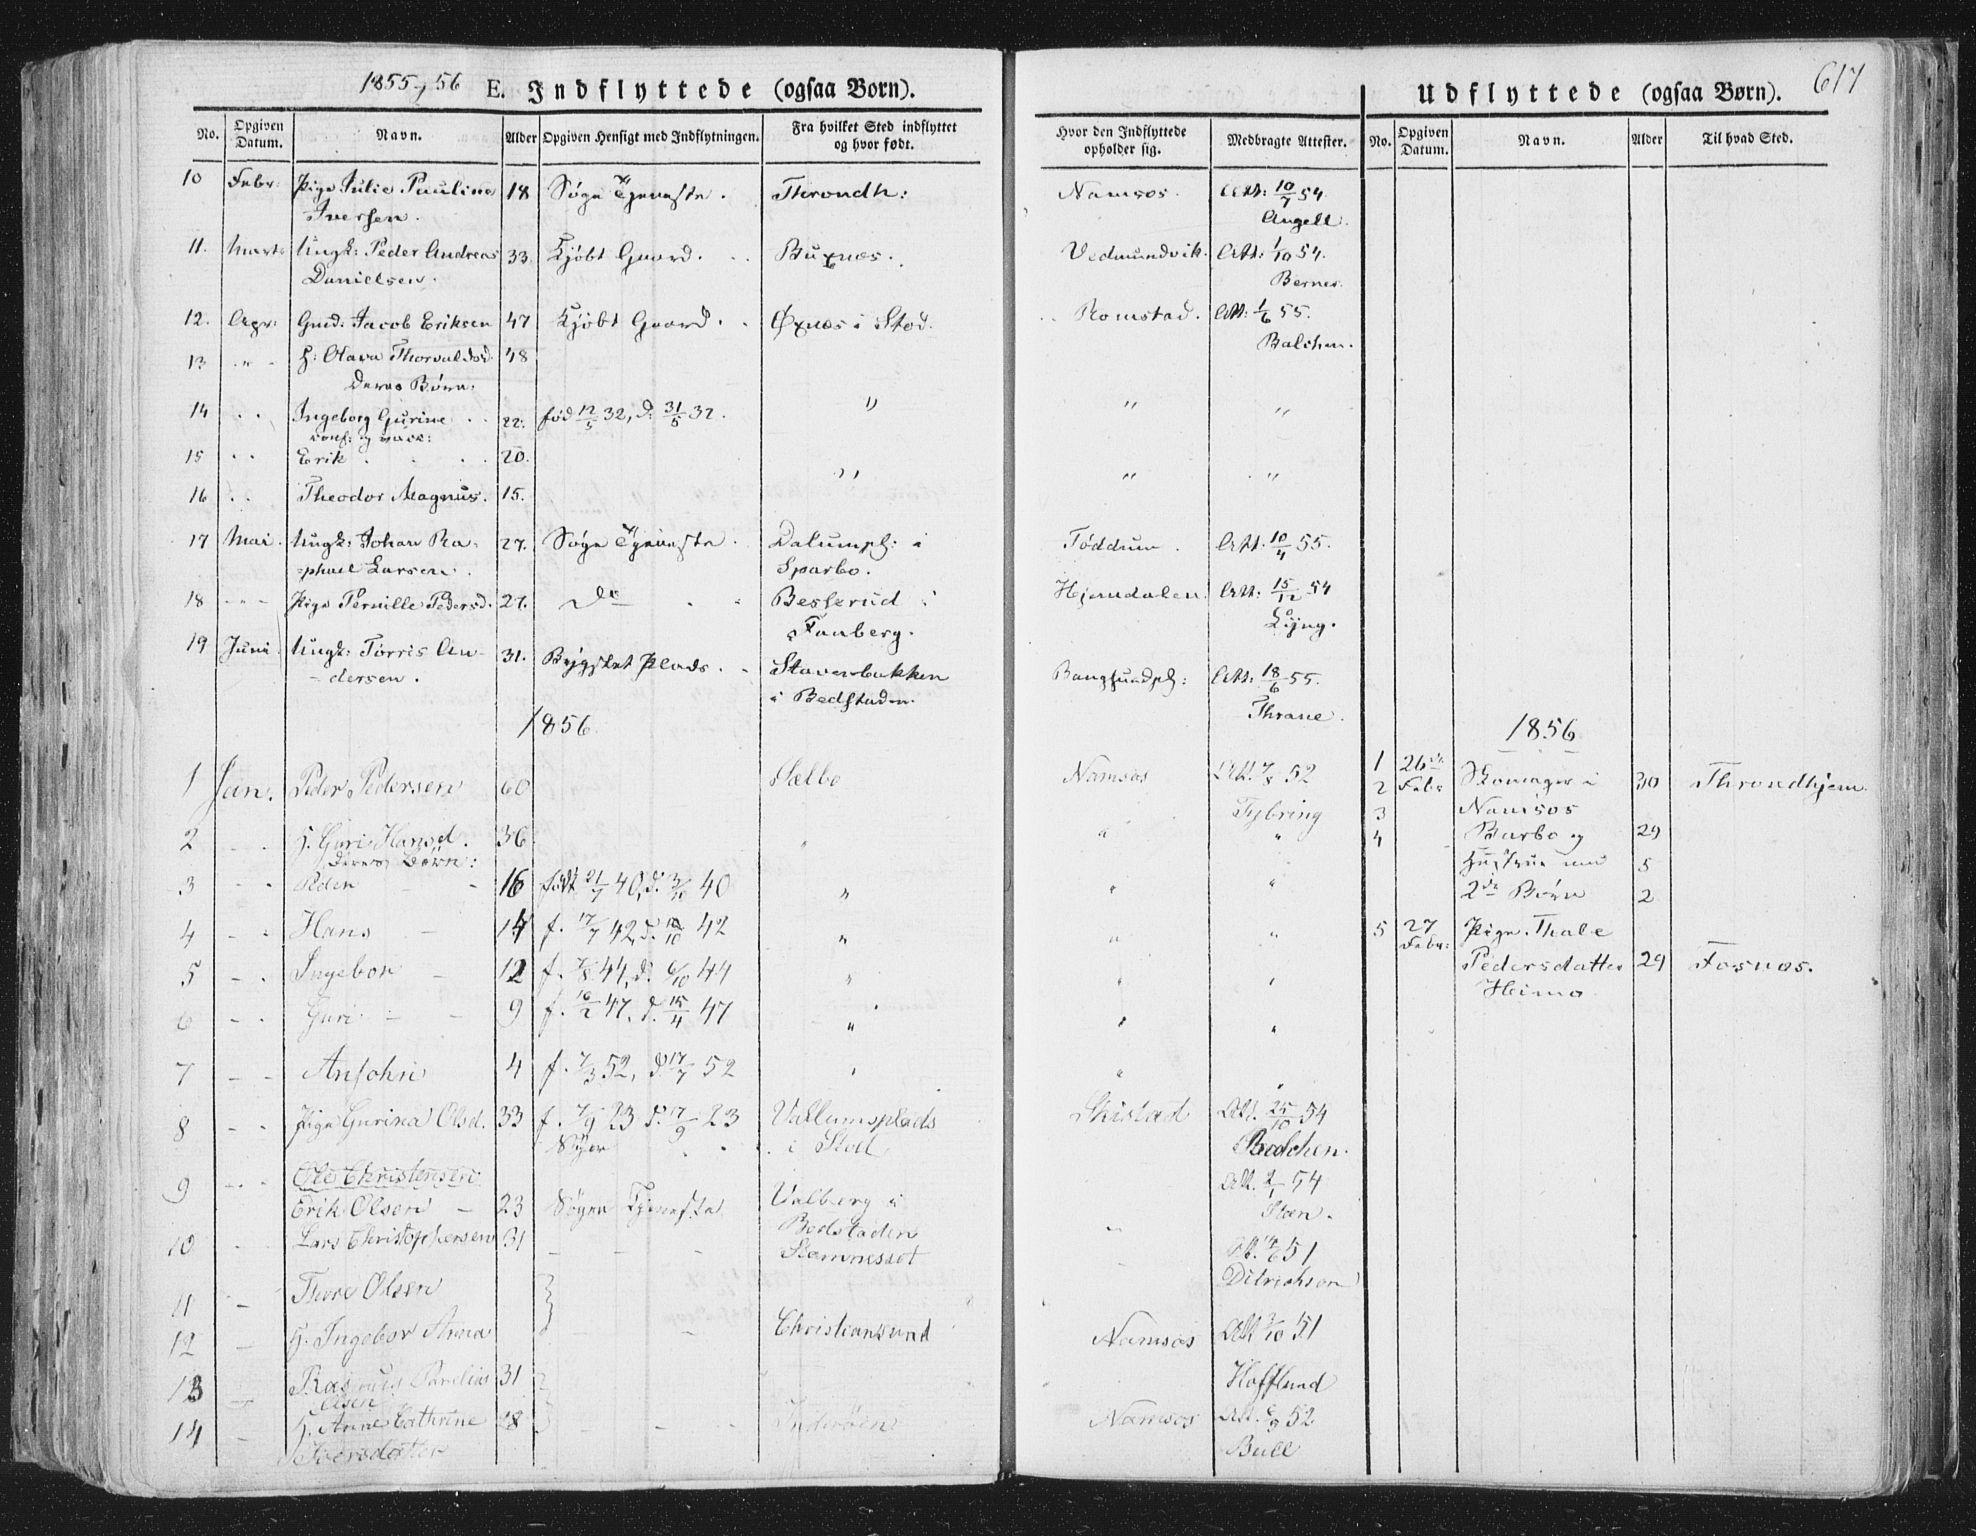 SAT, Ministerialprotokoller, klokkerbøker og fødselsregistre - Nord-Trøndelag, 764/L0552: Ministerialbok nr. 764A07b, 1824-1865, s. 617